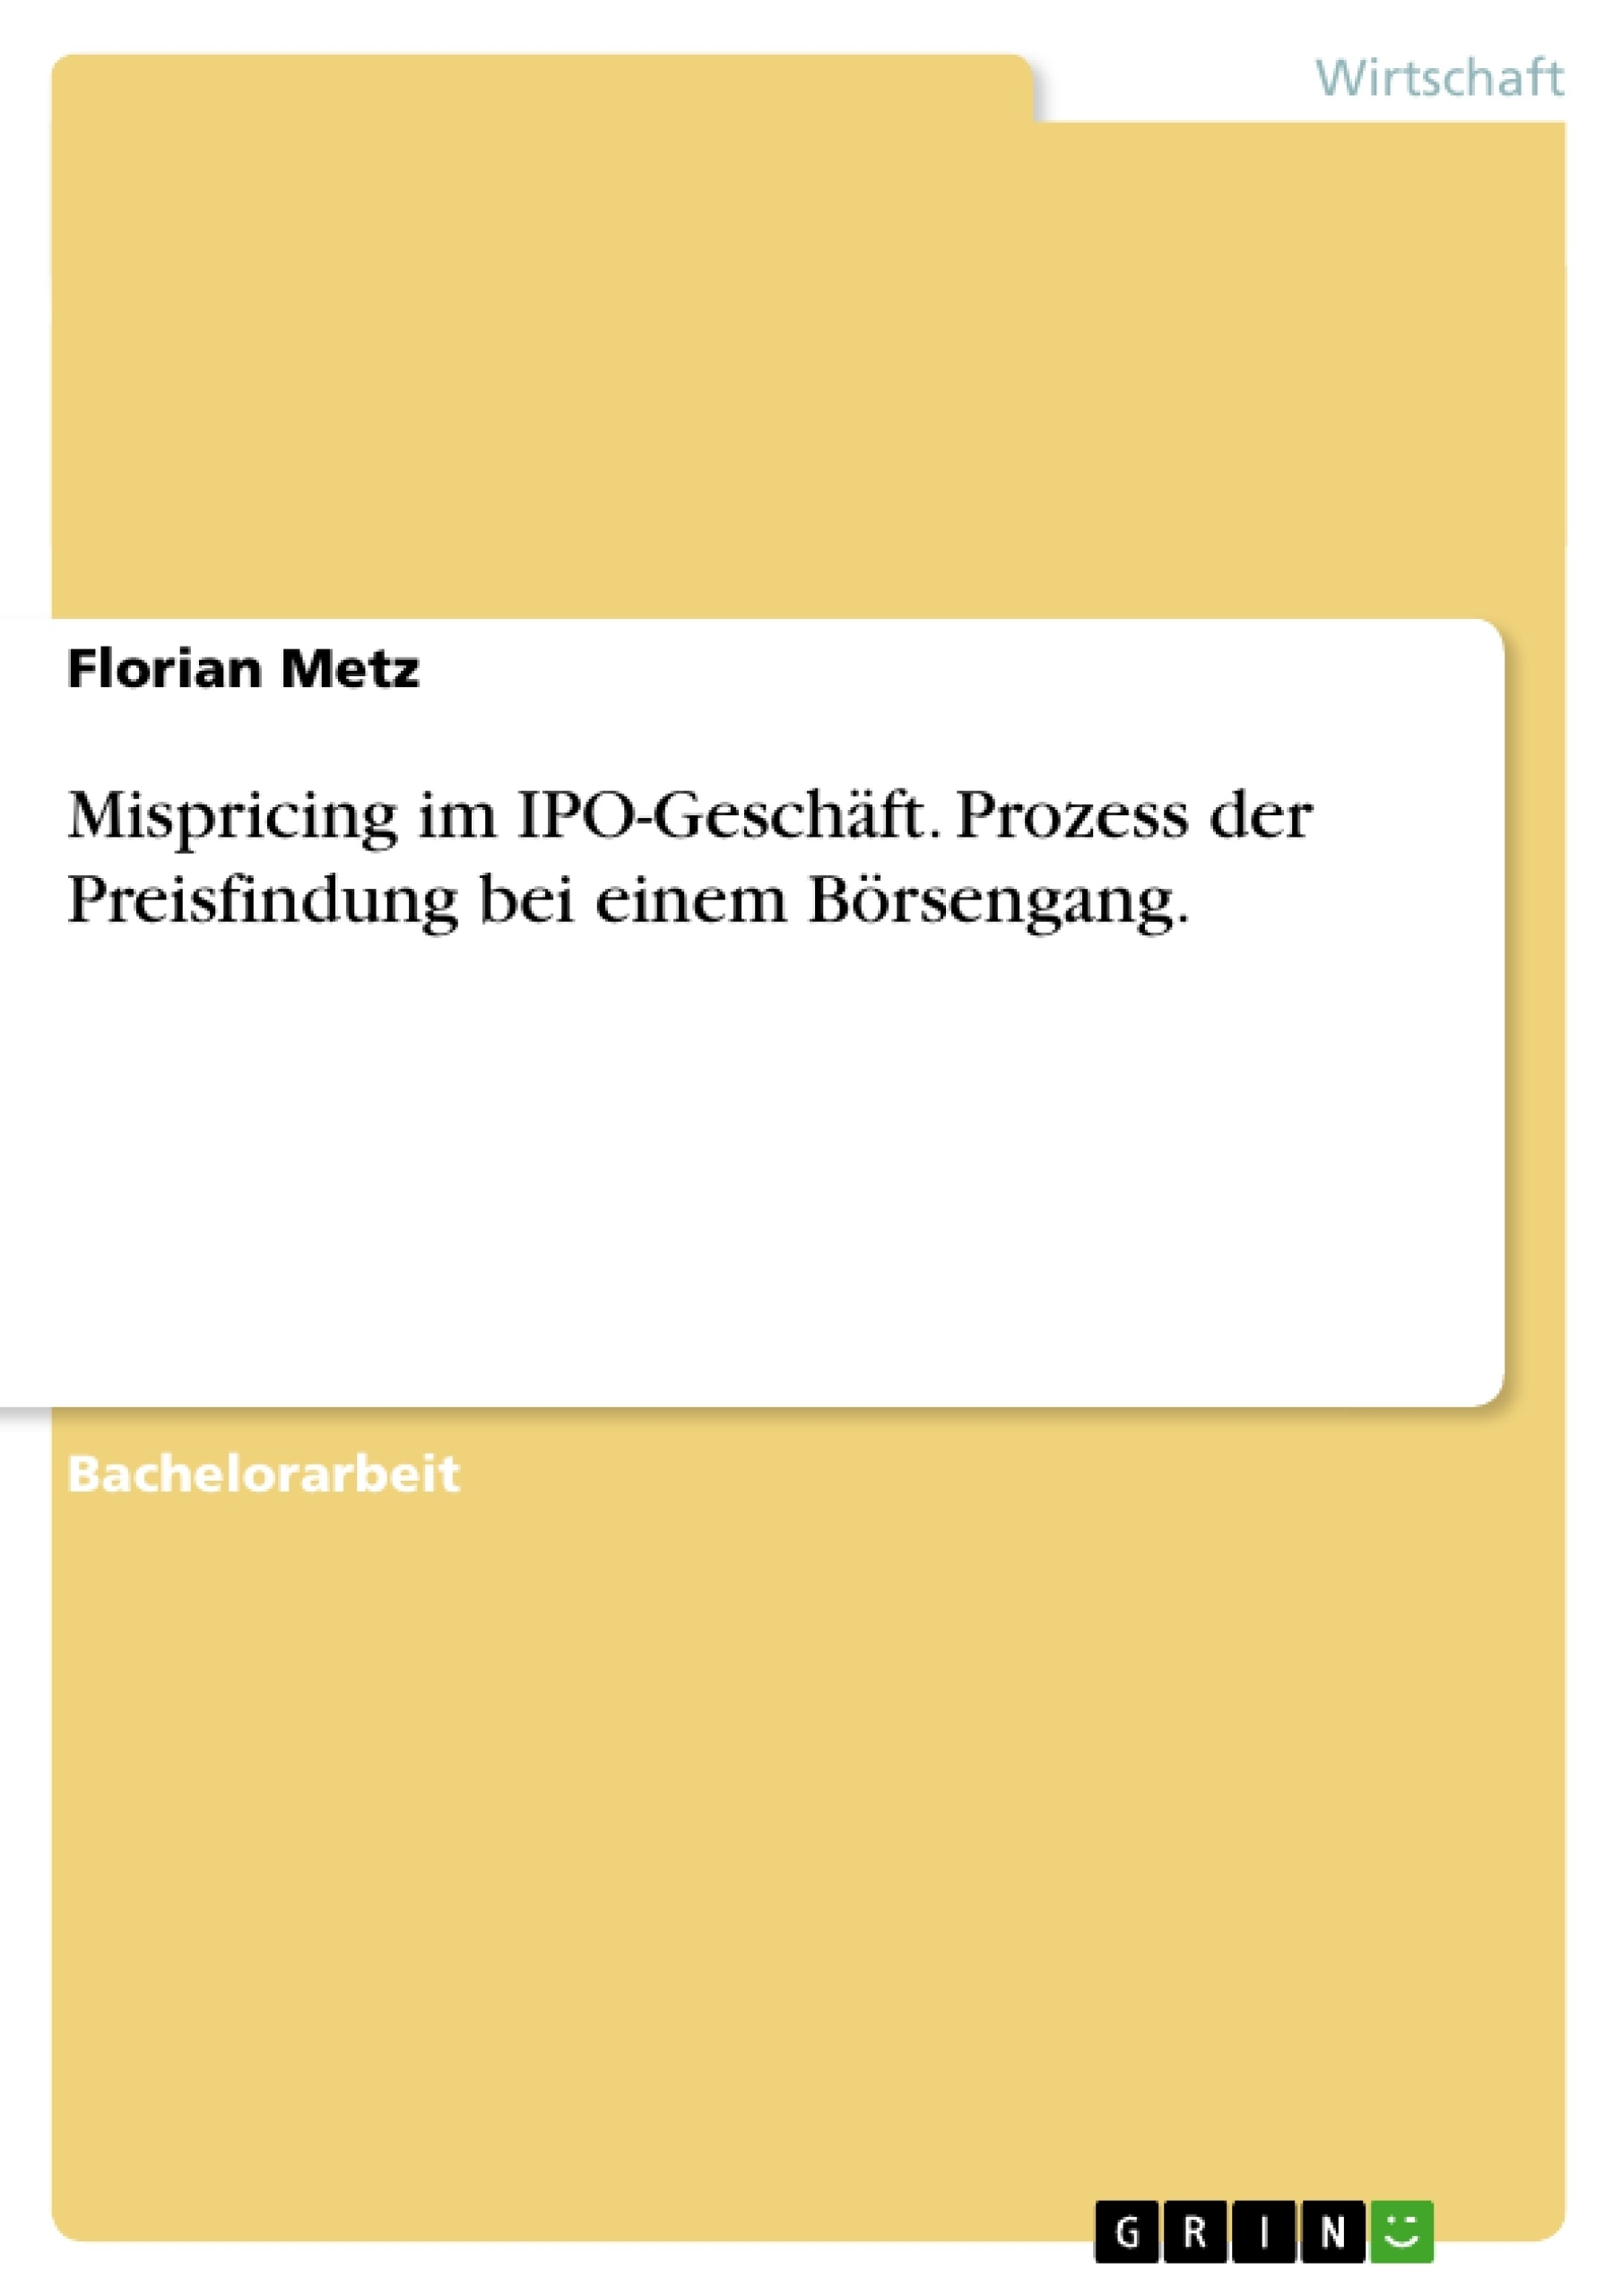 Titel: Mispricing im IPO-Geschäft. Prozess der Preisfindung bei einem Börsengang.